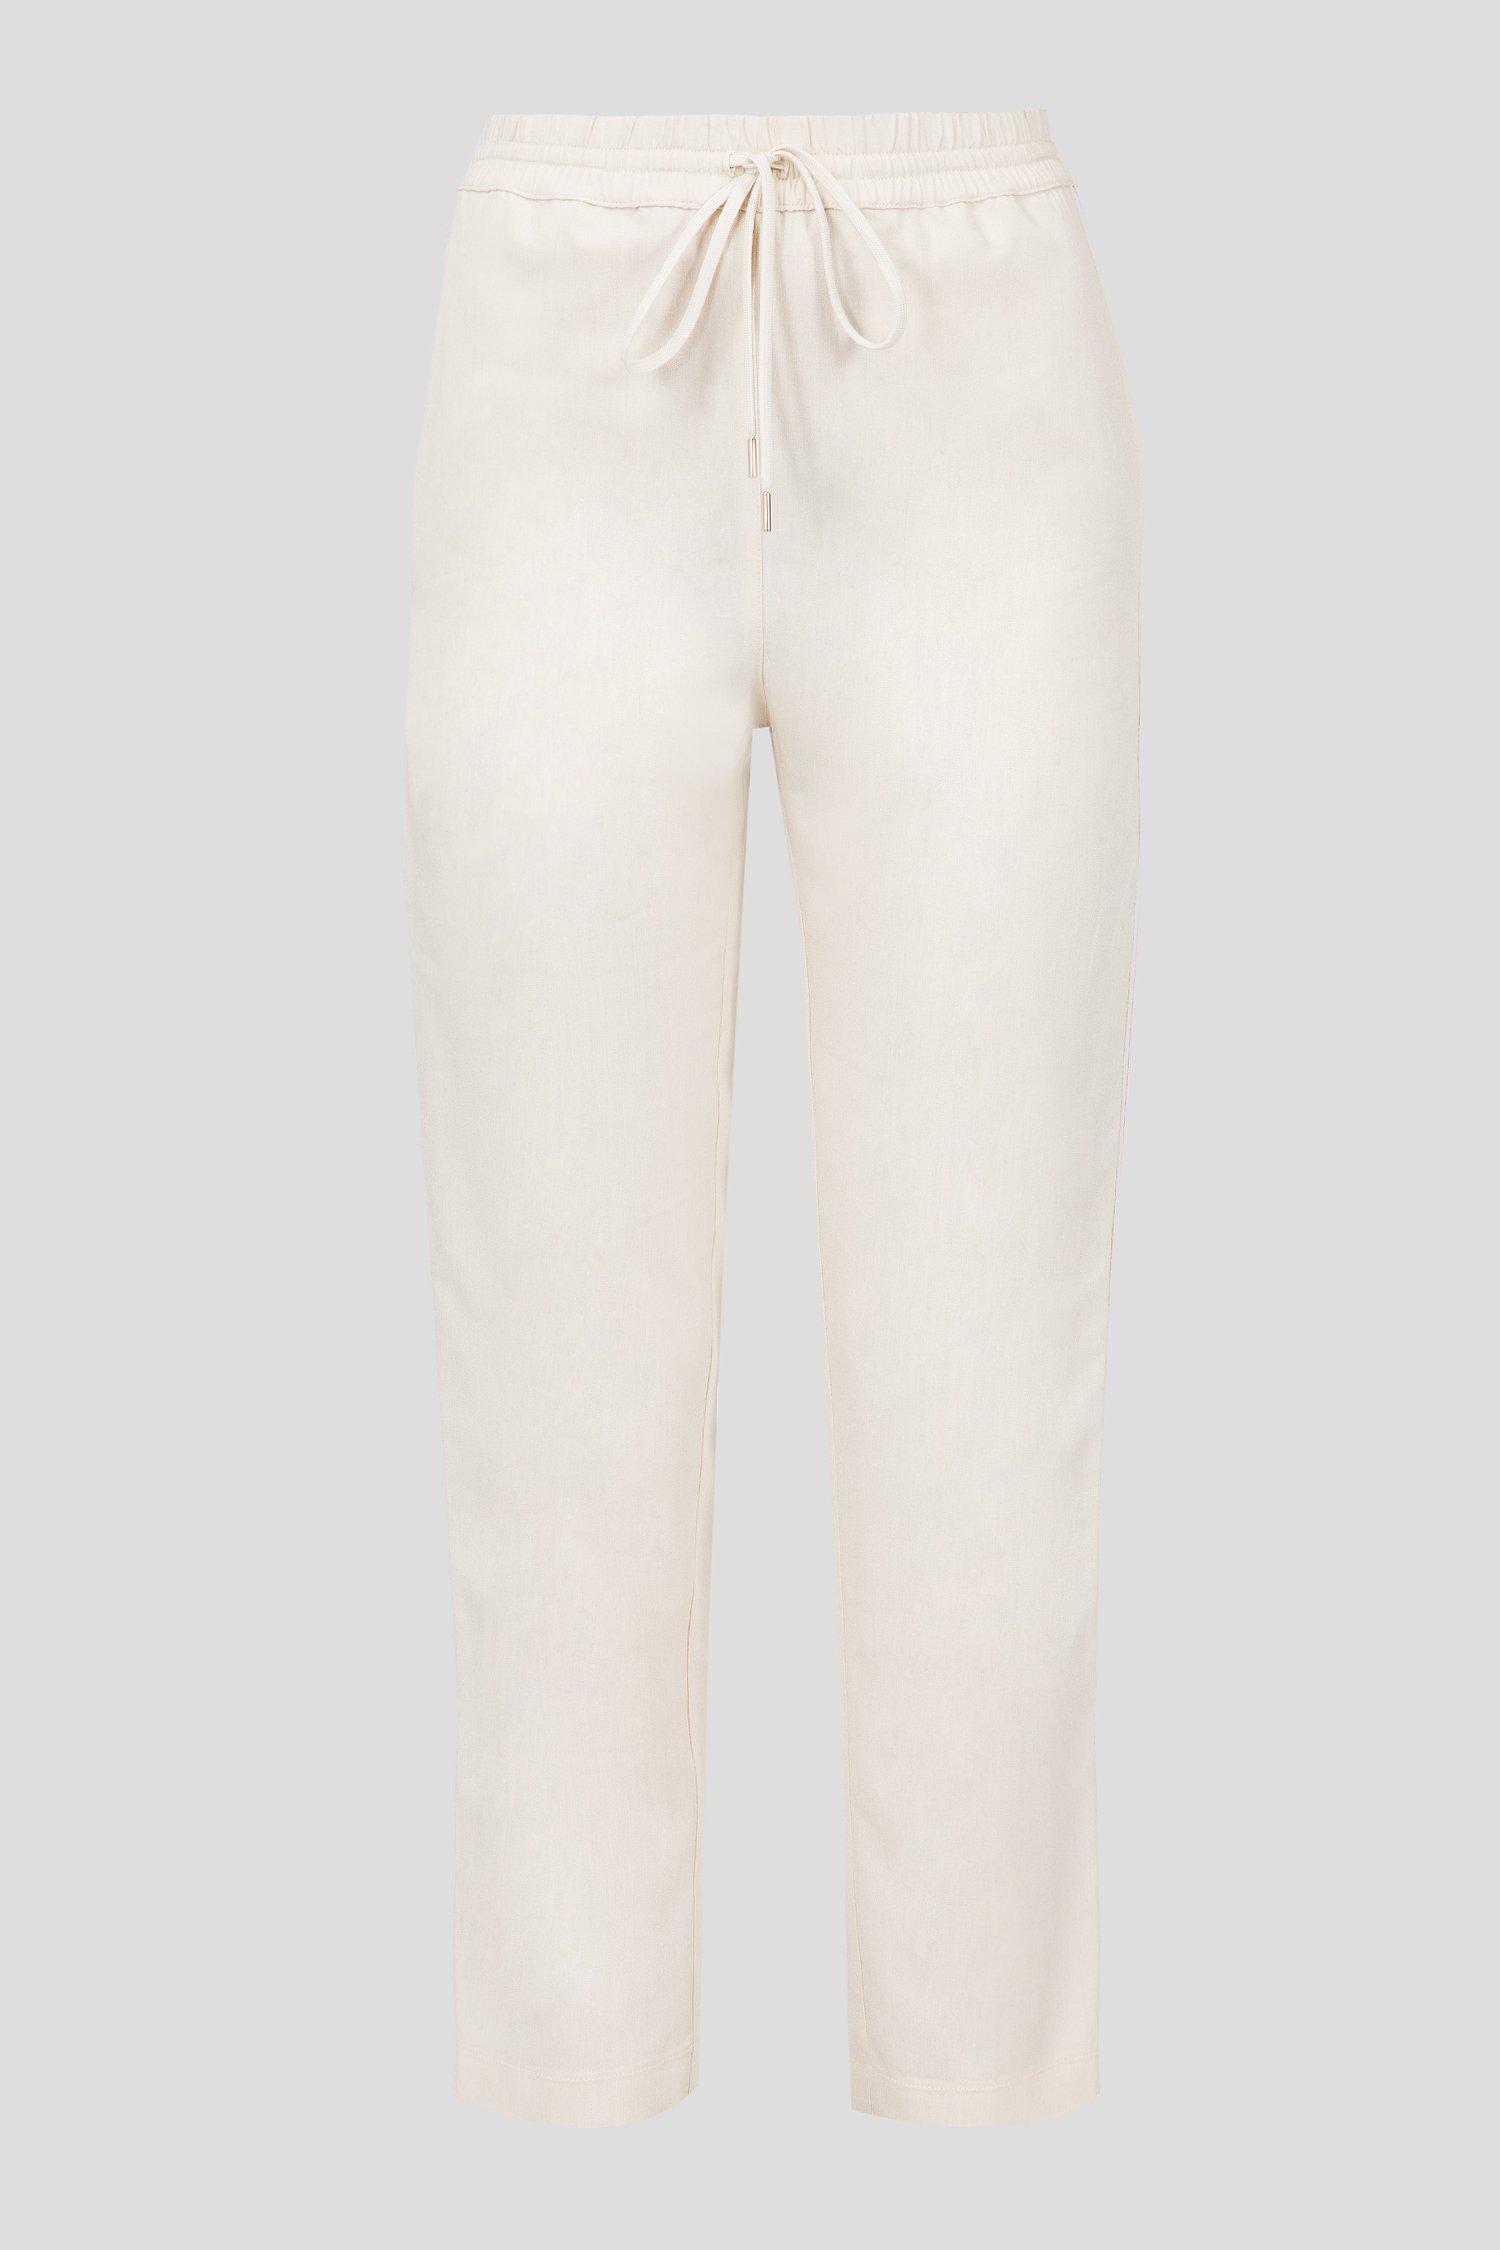 Купить Женские бежевые брюки Patrizia Pepe Patrizia Pepe 2P1136-A3LPU-B645 – Киев, Украина. Цены в интернет магазине MD Fashion